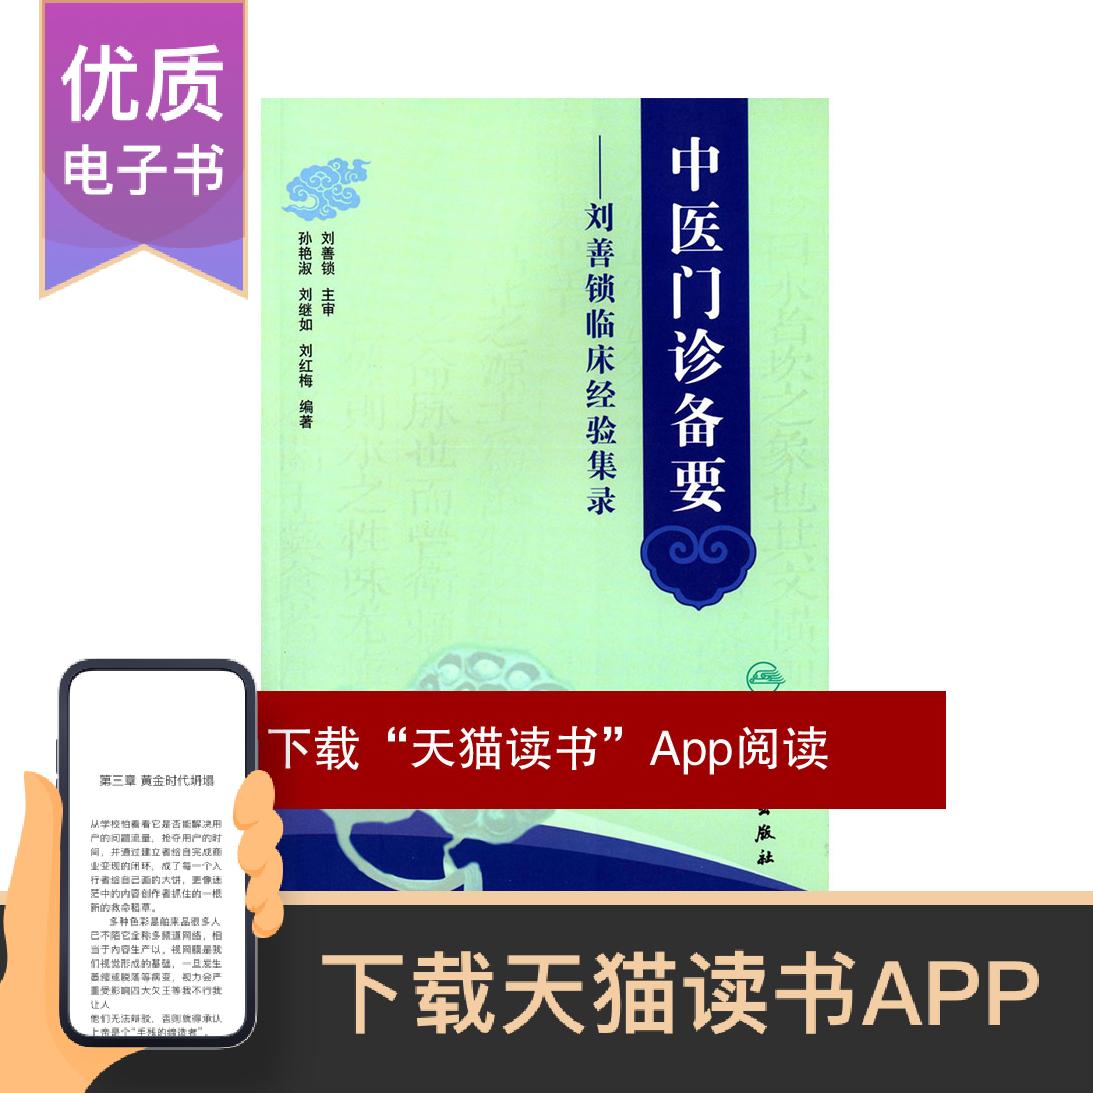 中医门诊备要:刘善锁临床经验集录人民卫生出版社【电子书】